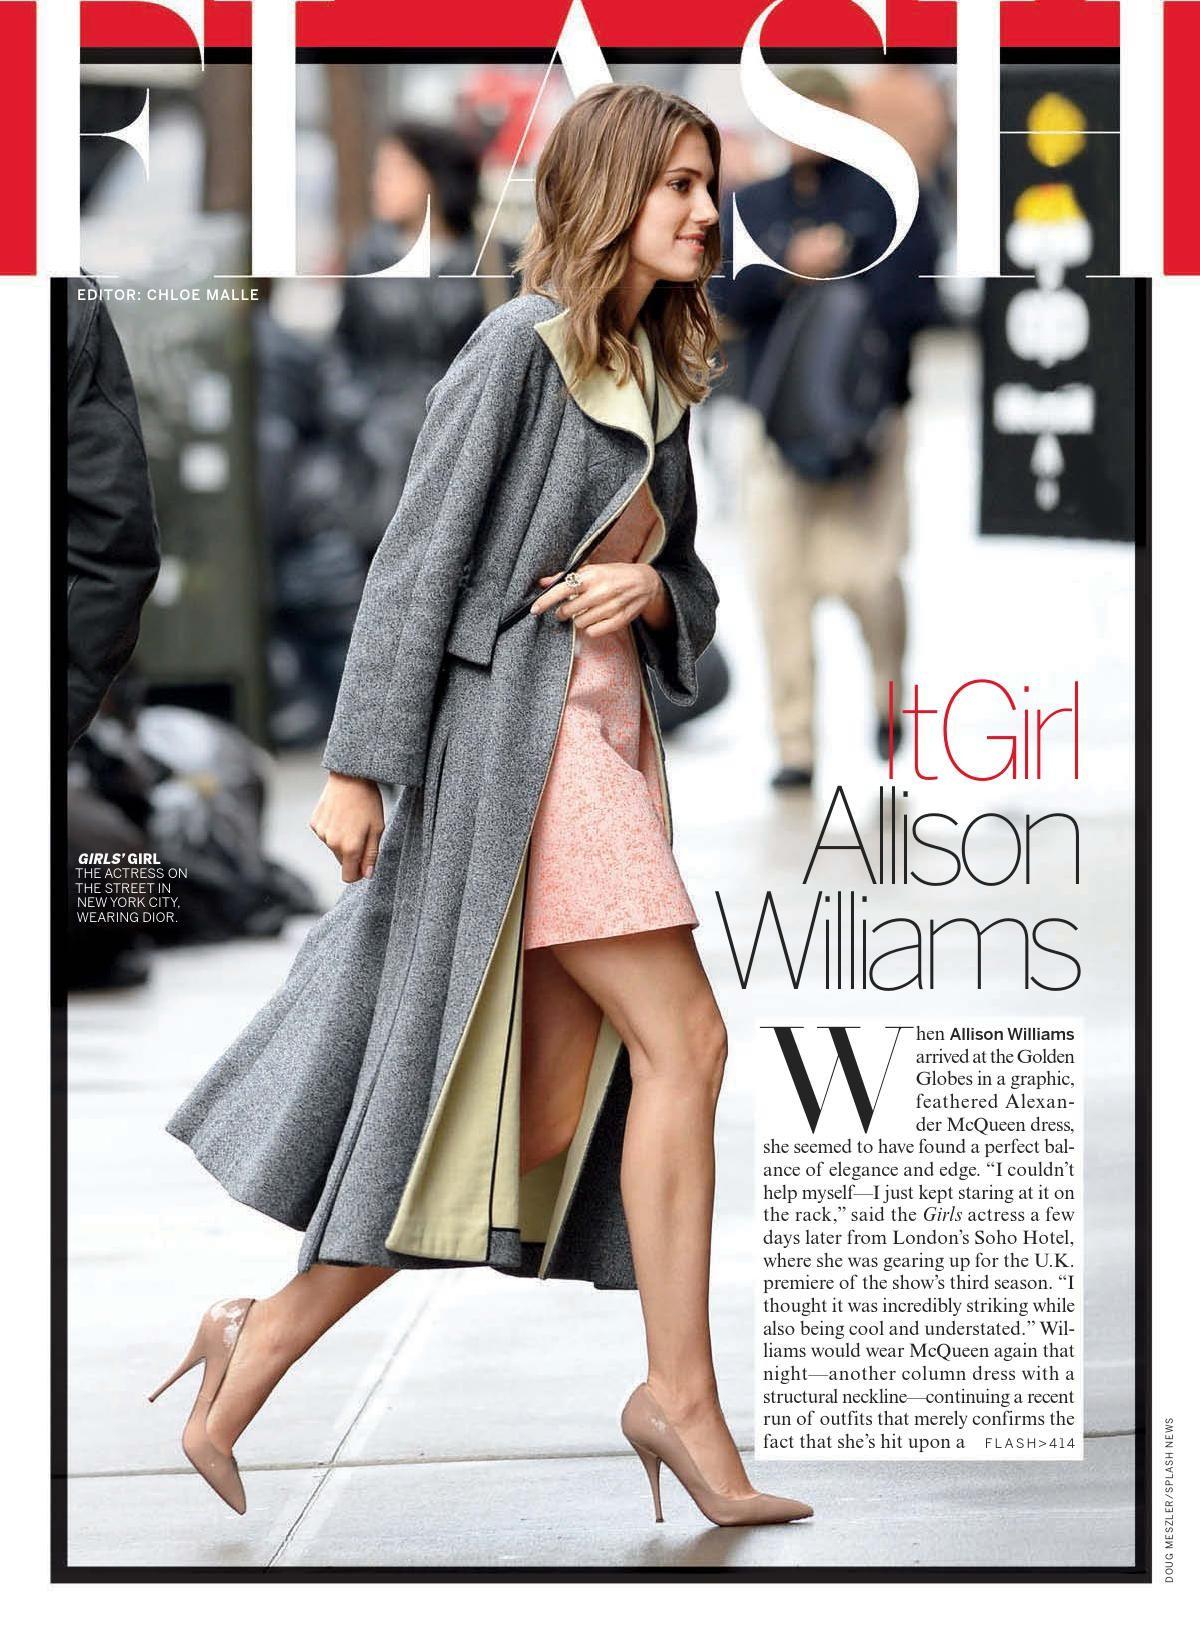 ALLISON WILLIAMS in Vogue Magazine, March 2014 Issue